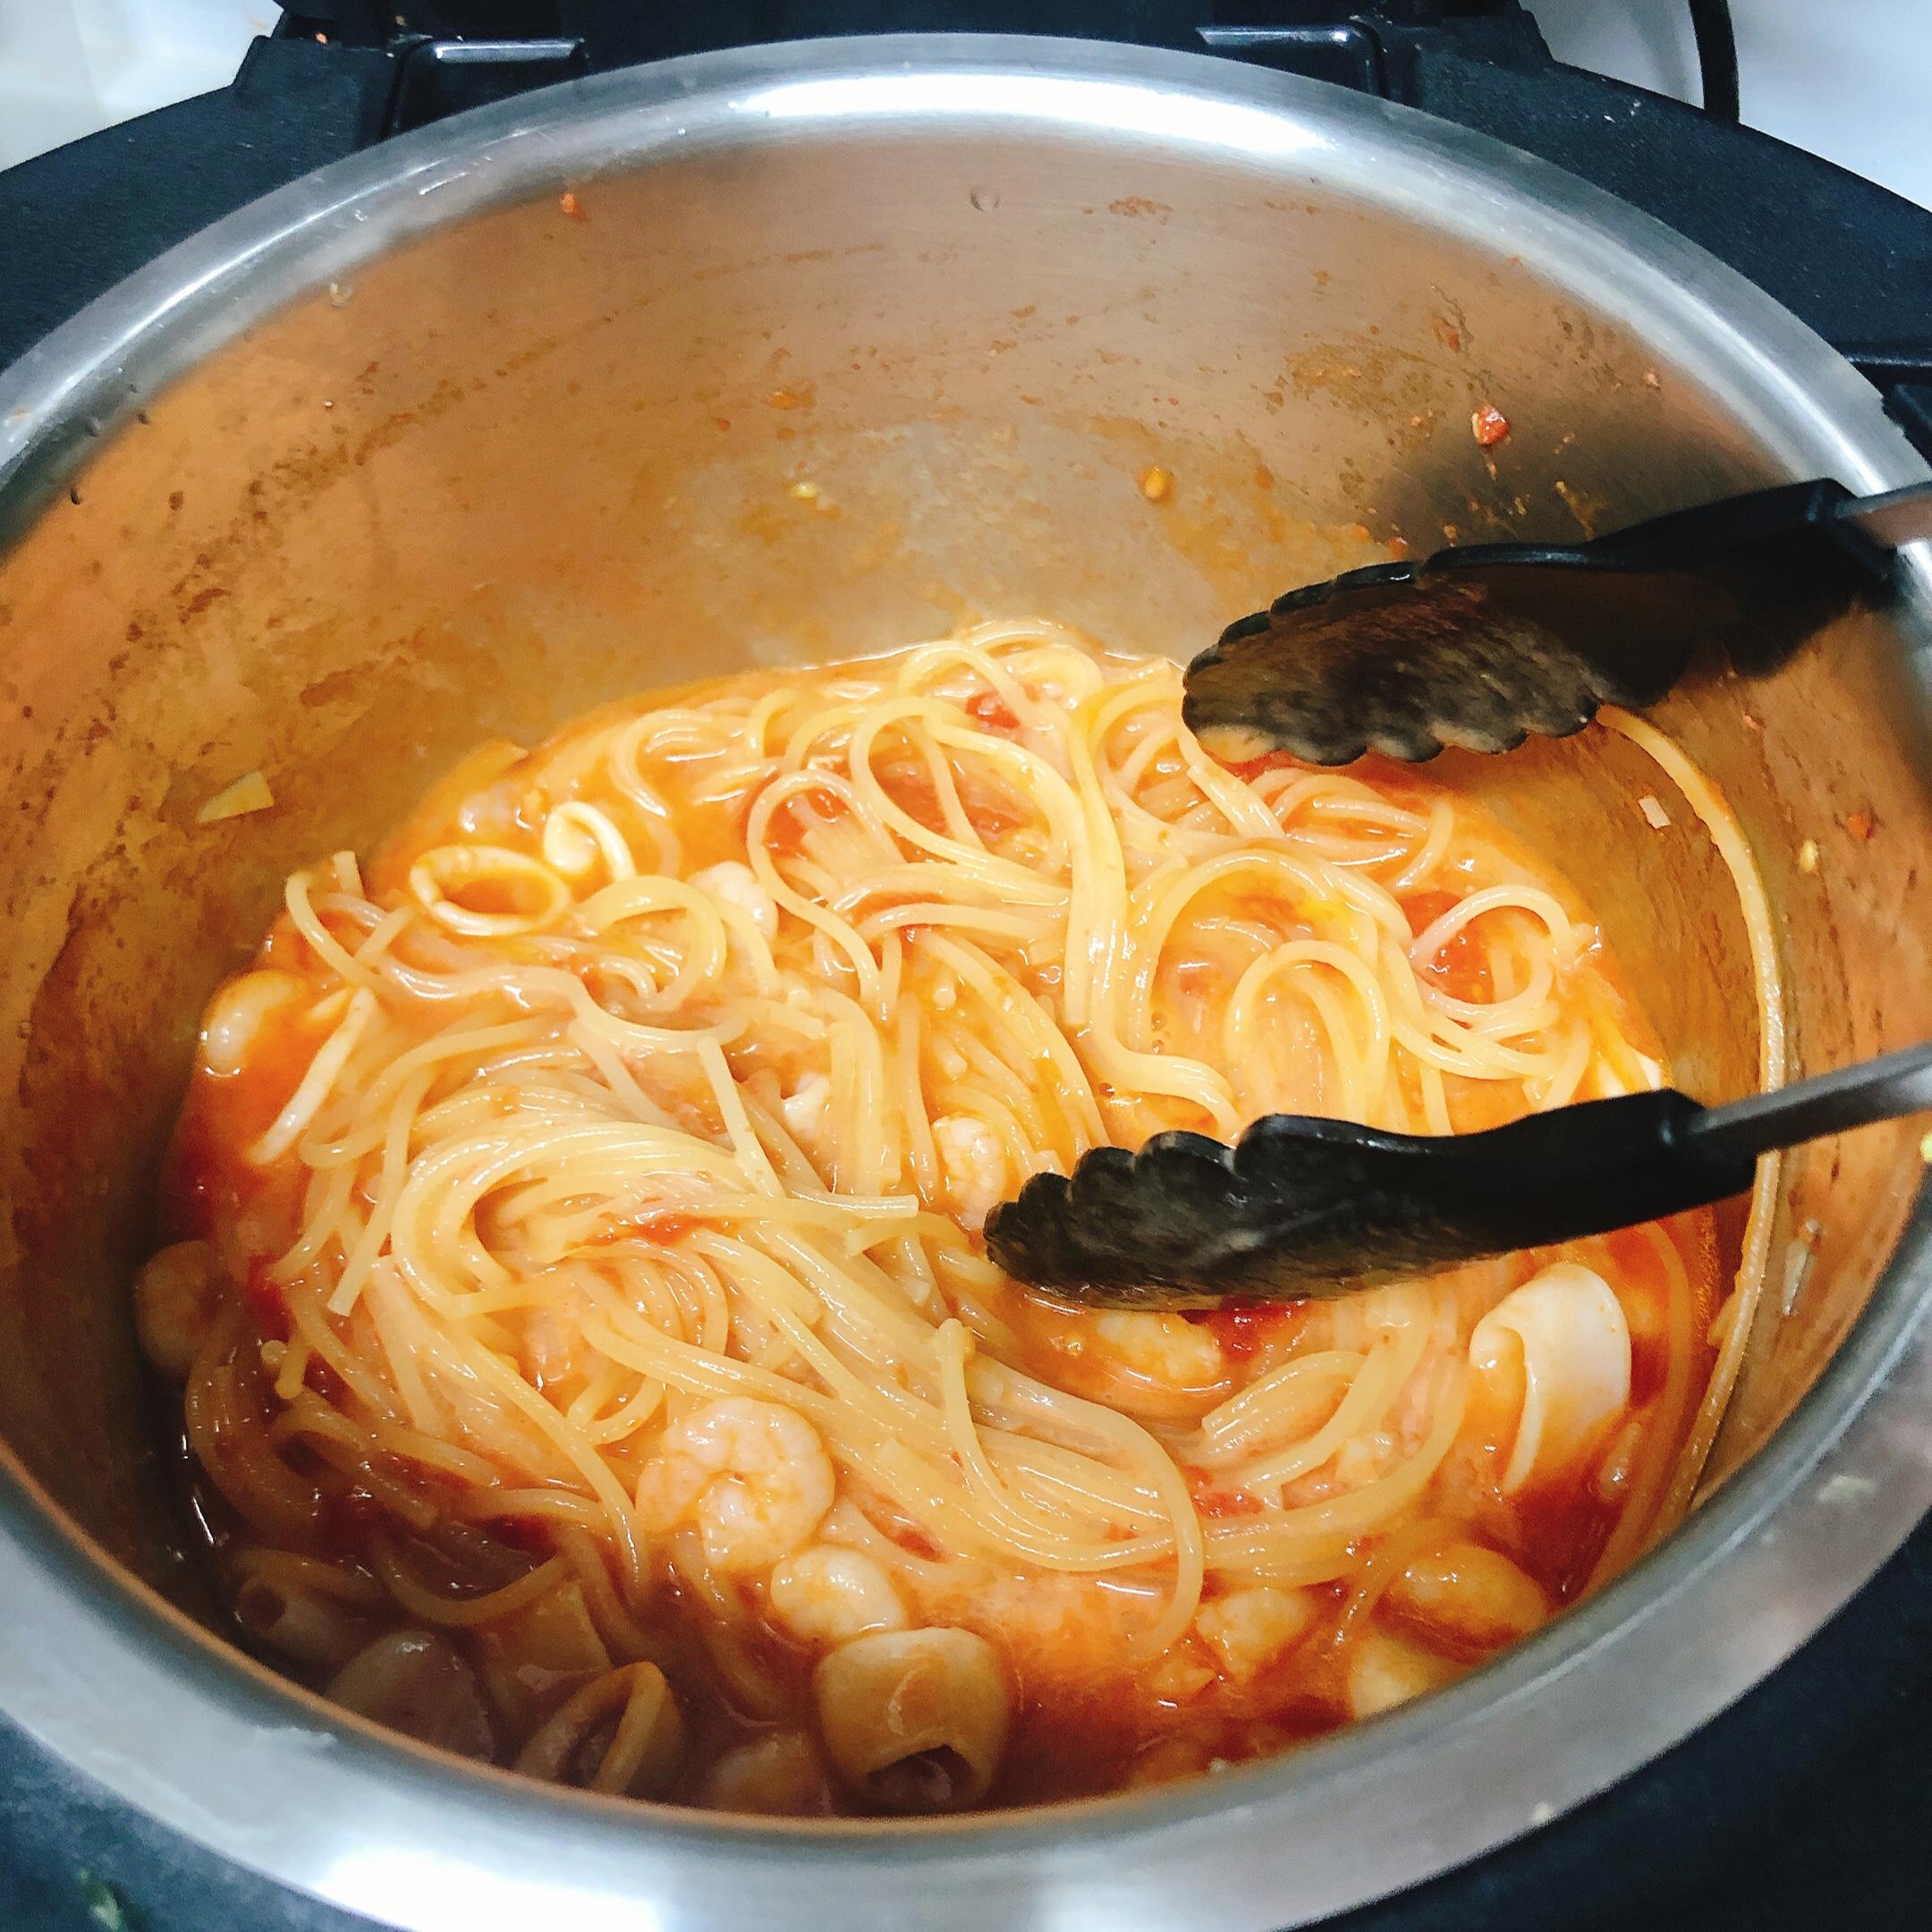 ホットクックでパスタごとゆでるトマトクリームパスタ混ぜる